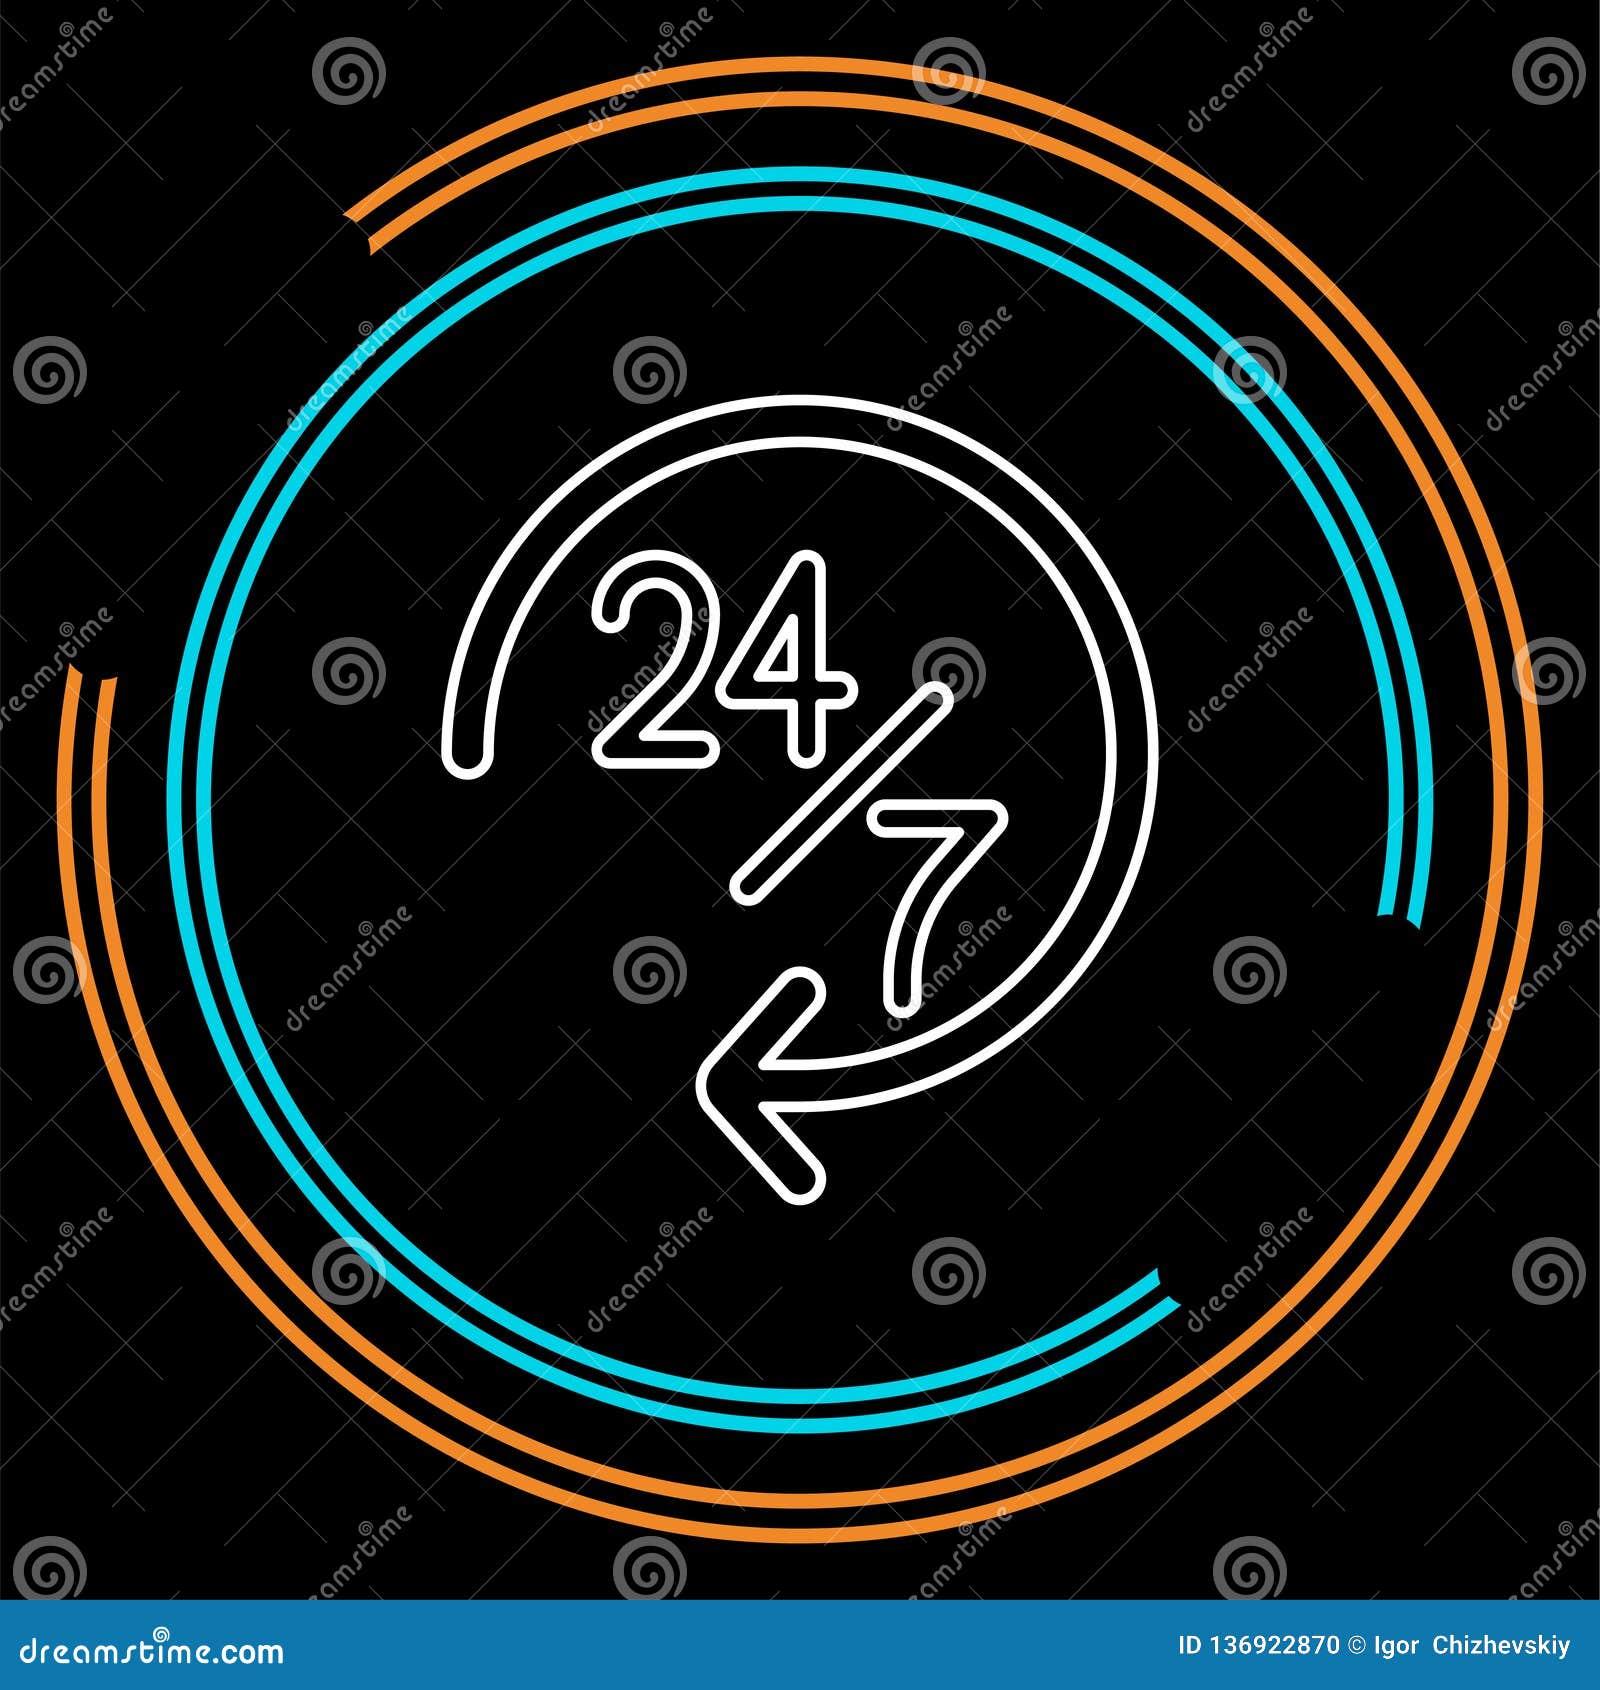 Offene 24 Ikone mit 7 Services, VektorKundendienst